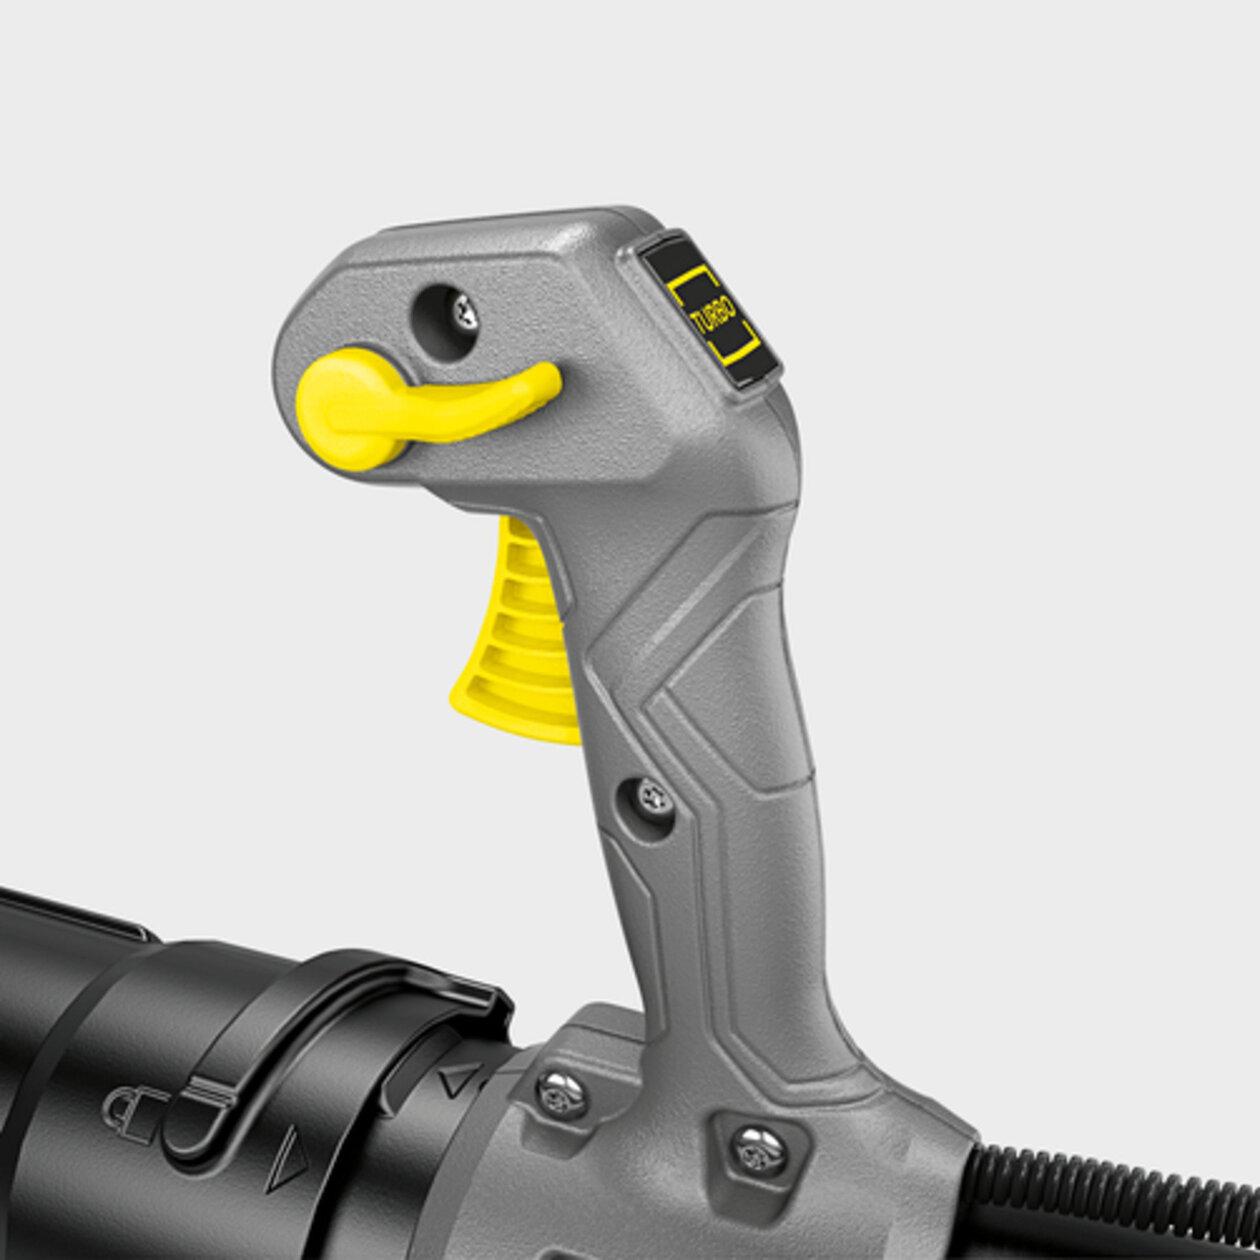 BLB 1060/36 Bp Pack: Plynulo regulovateľné otáčky a tlačidlo turbo